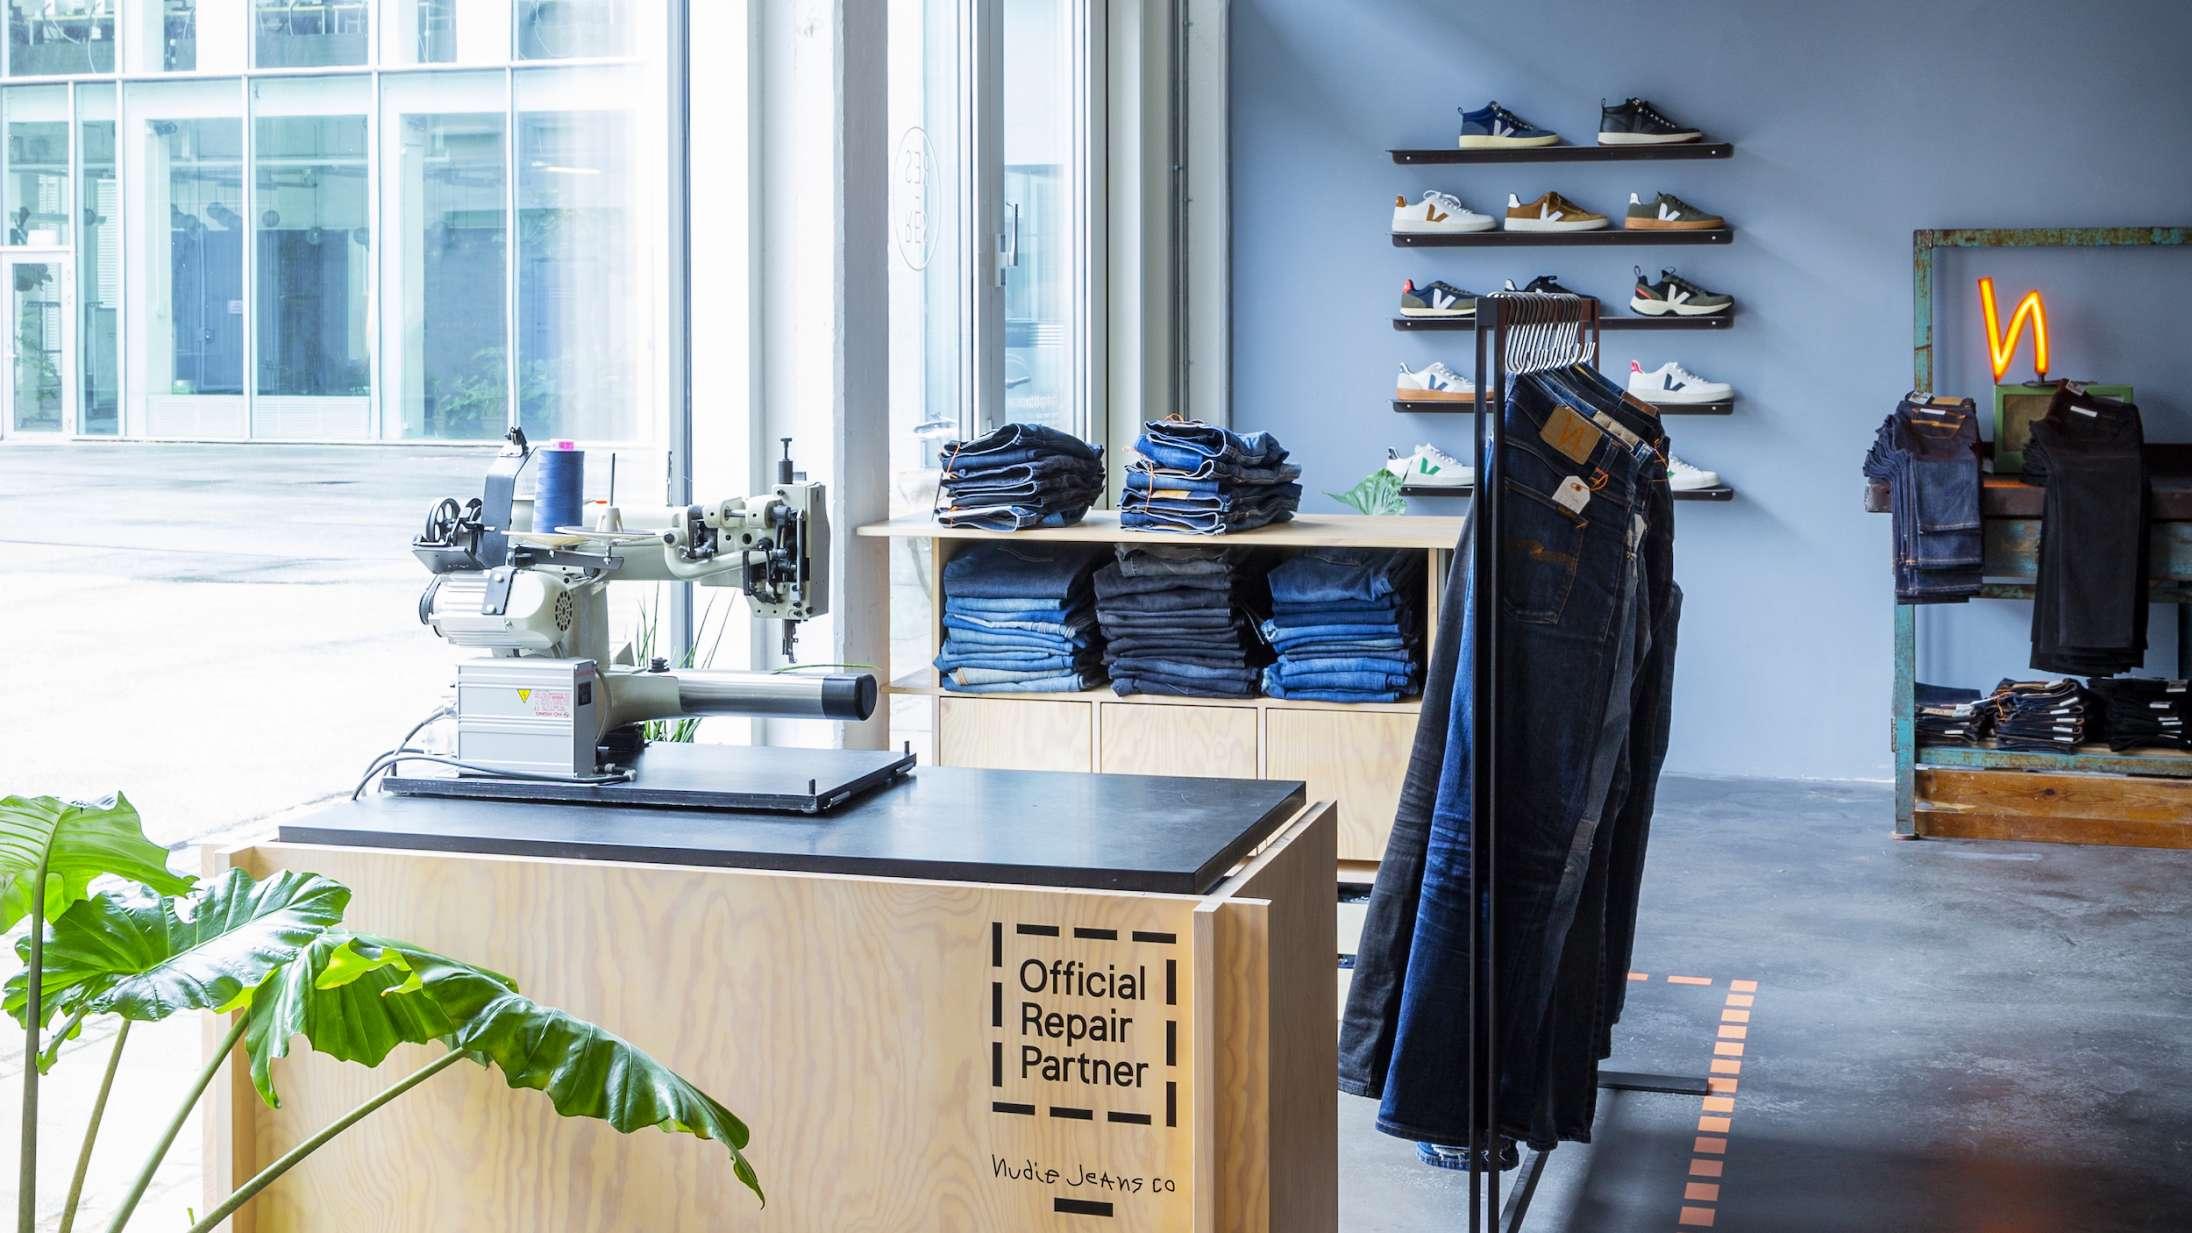 Min yndlingsspecialbutik: »Det er en lille butik, der er startet af ren kærlighed til planeten«